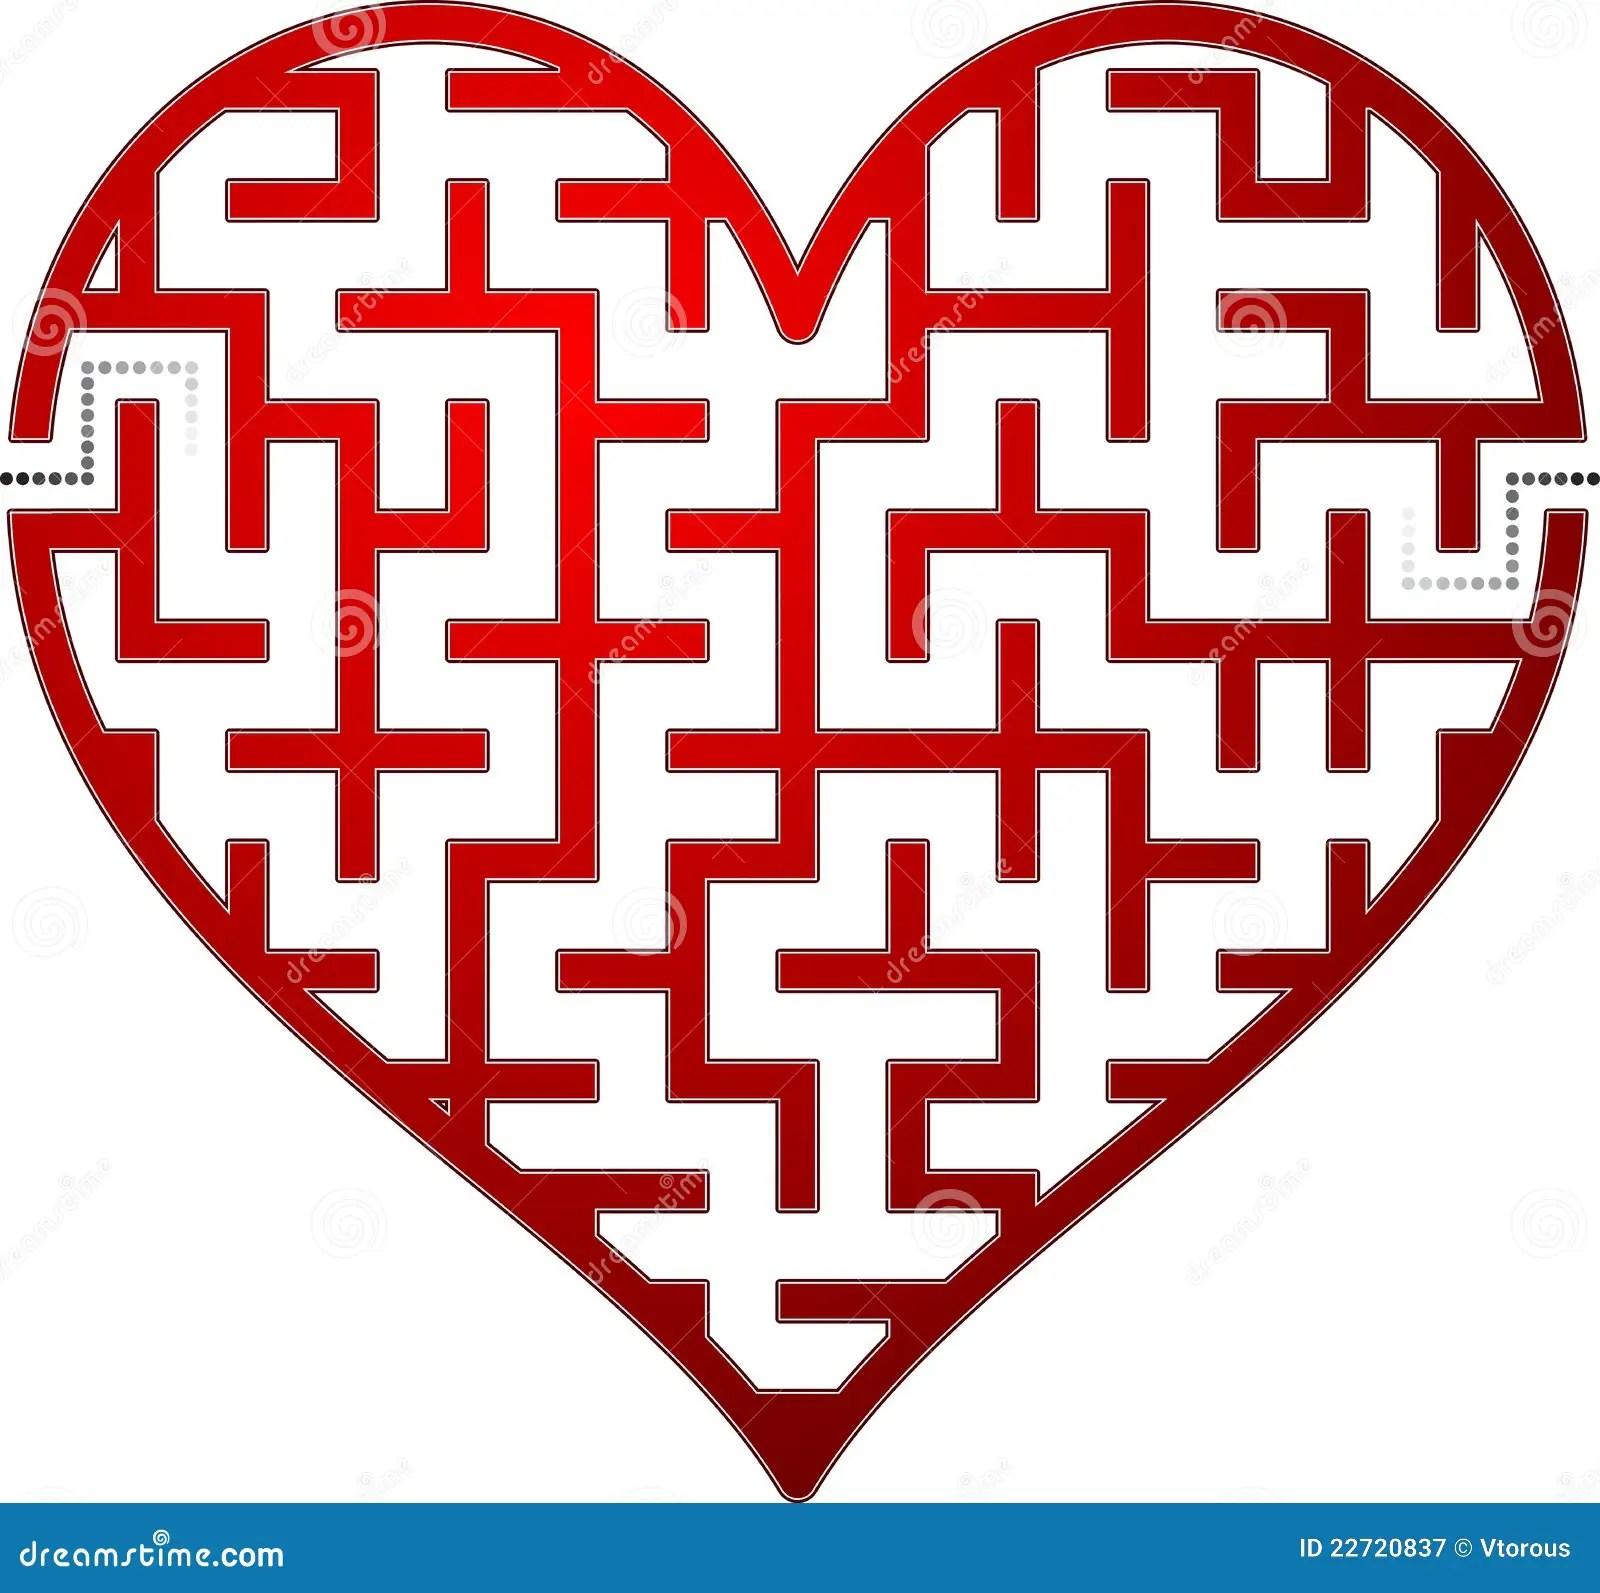 Heart Maze Royalty Free Stock Photography